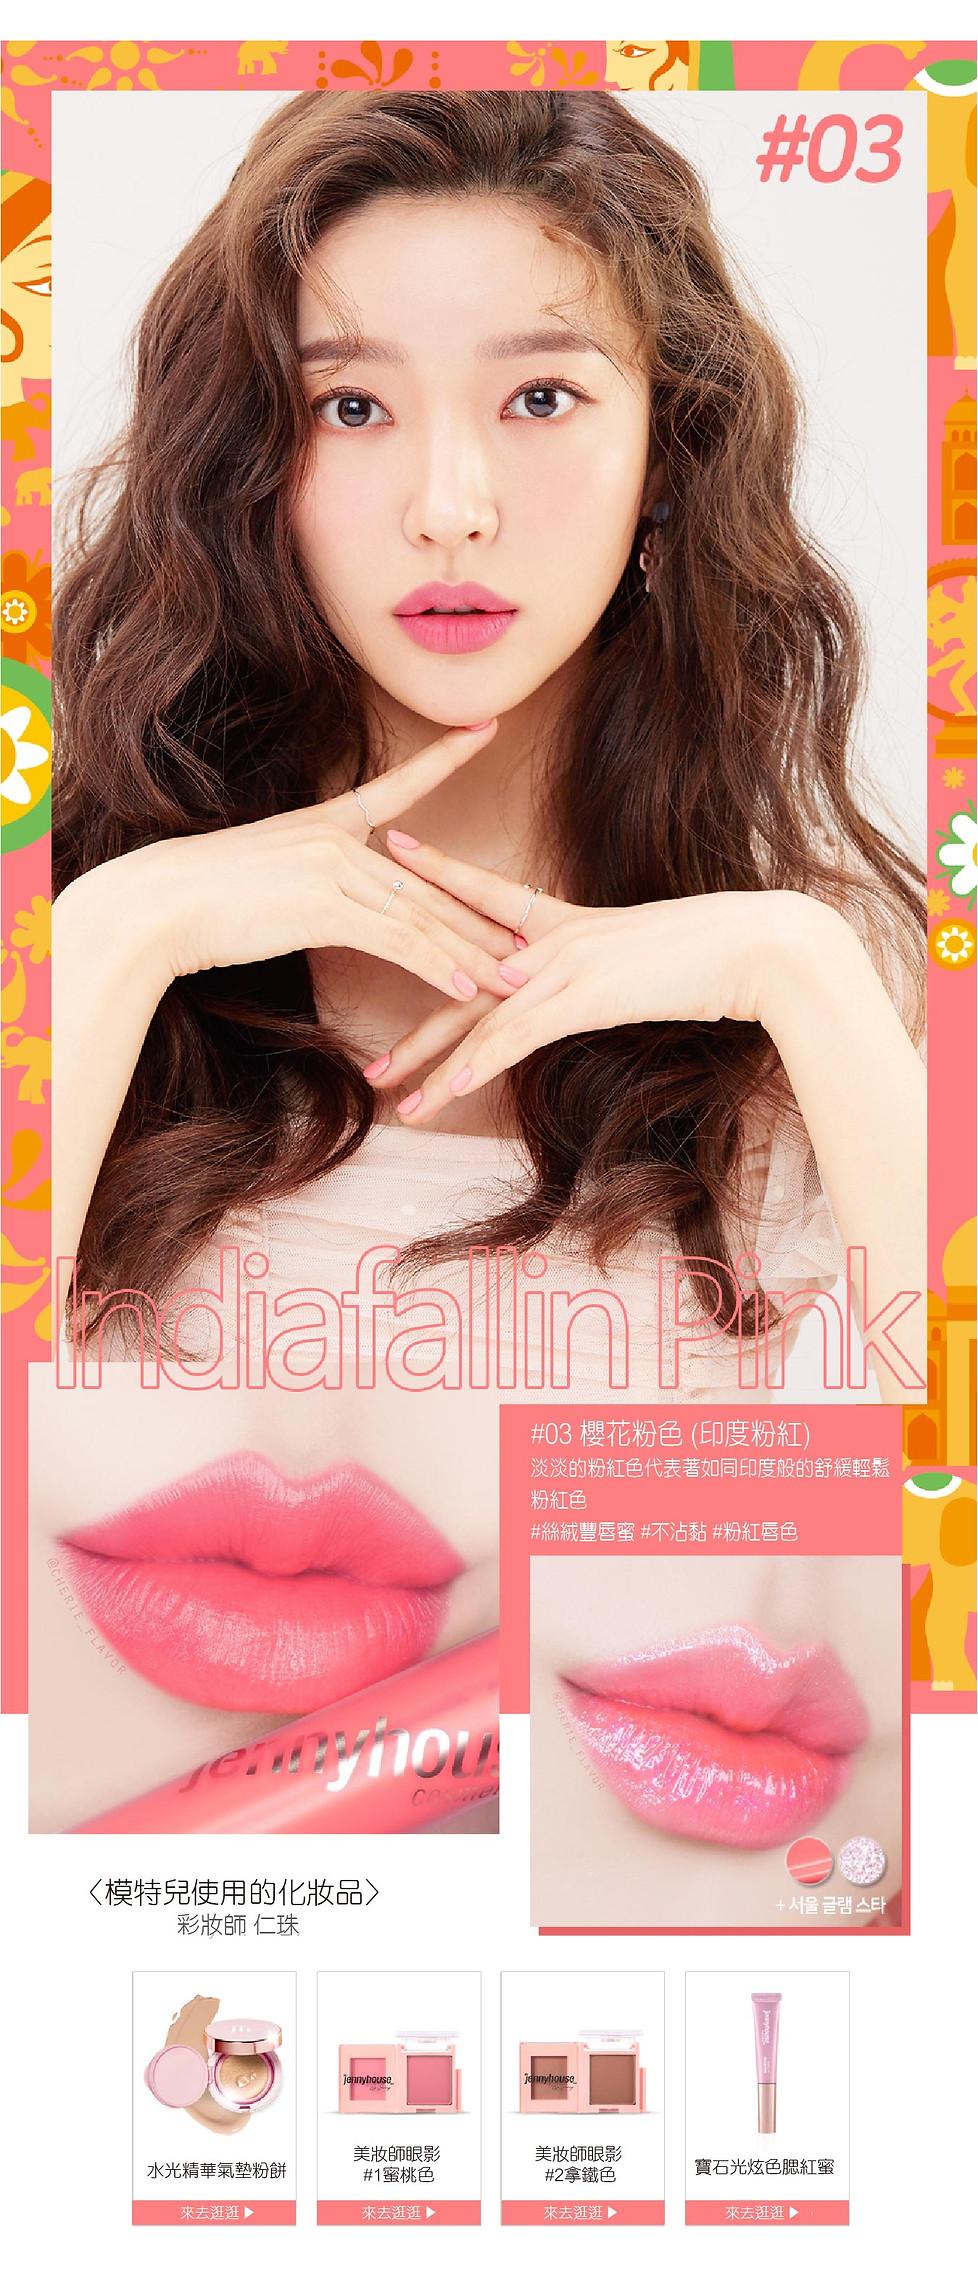 韓國化妝品網站長圖-5-05.jpg